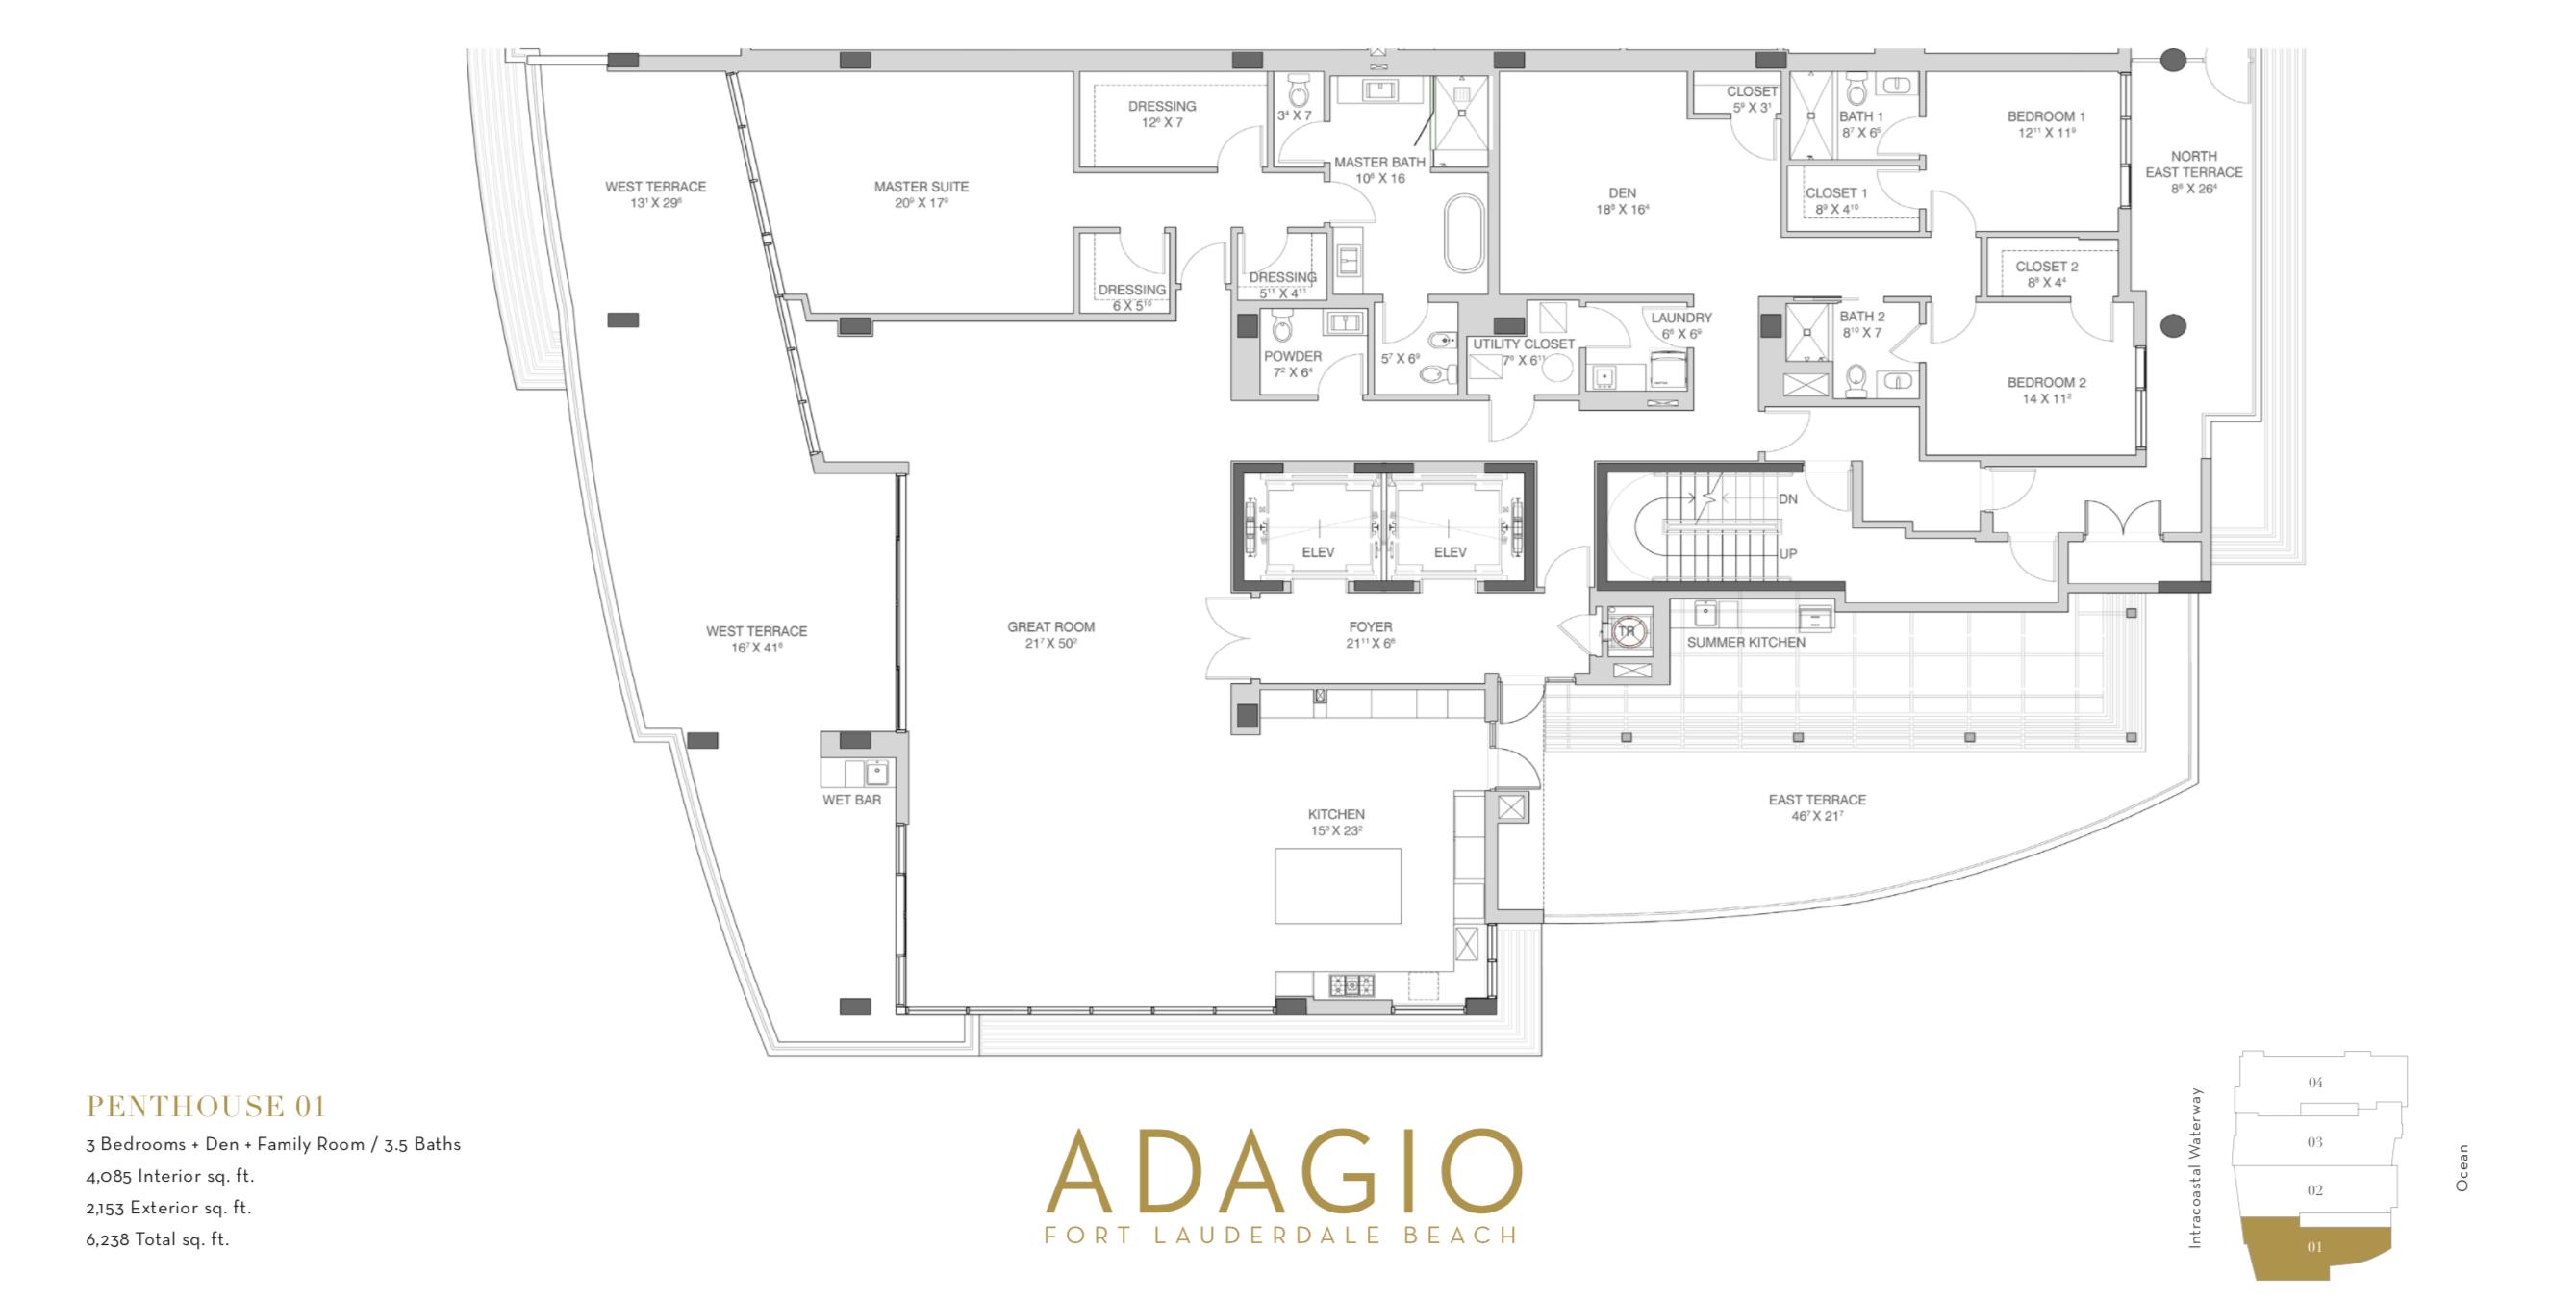 Adagio Fort Lauderdale   Penthouse